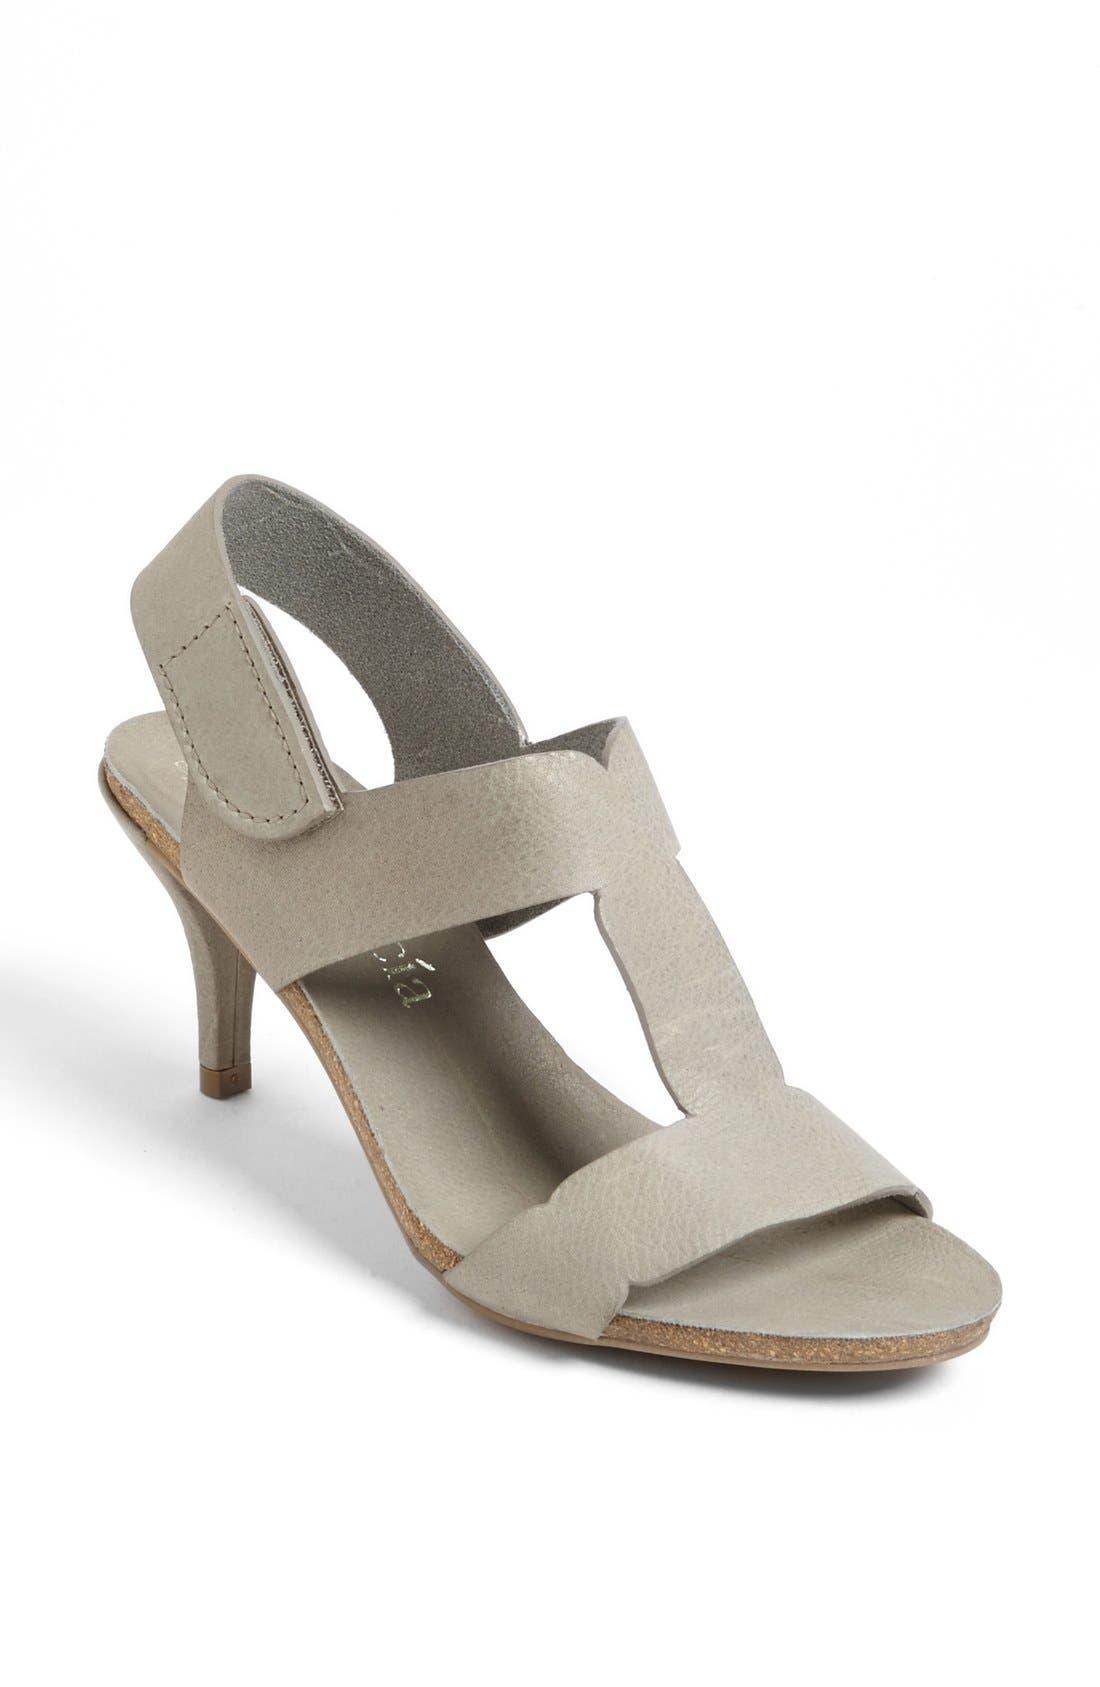 Main Image - Pedro Garcia 'Marlen' Sandal